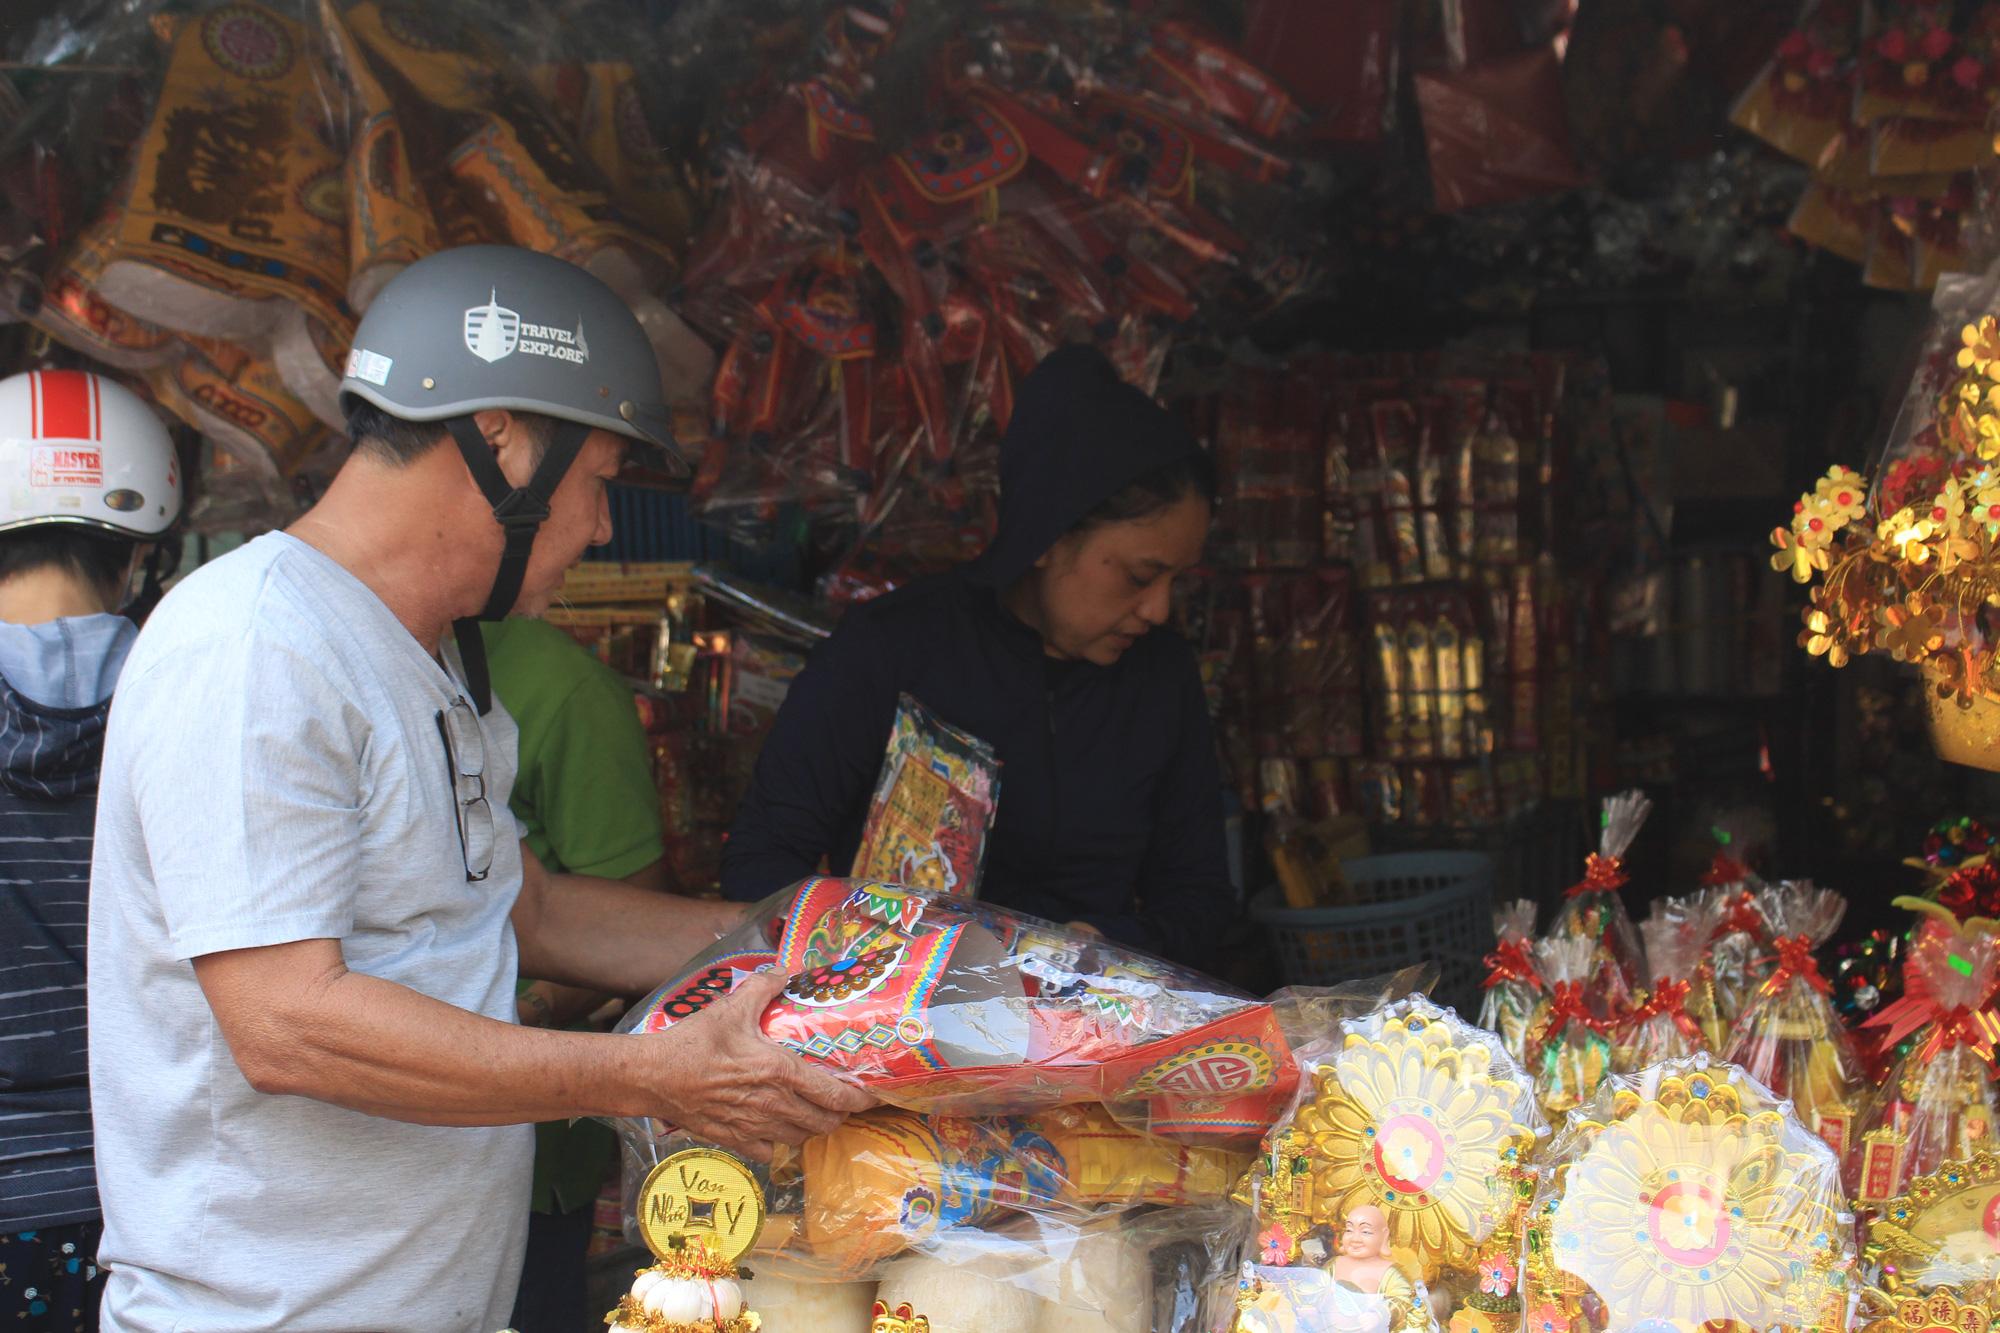 Người Sài Gòn tranh thủ sắm đồ cúng ông Công, ông Táo: Vàng mã hốt bạc, cá chép đìu hiu - Ảnh 5.